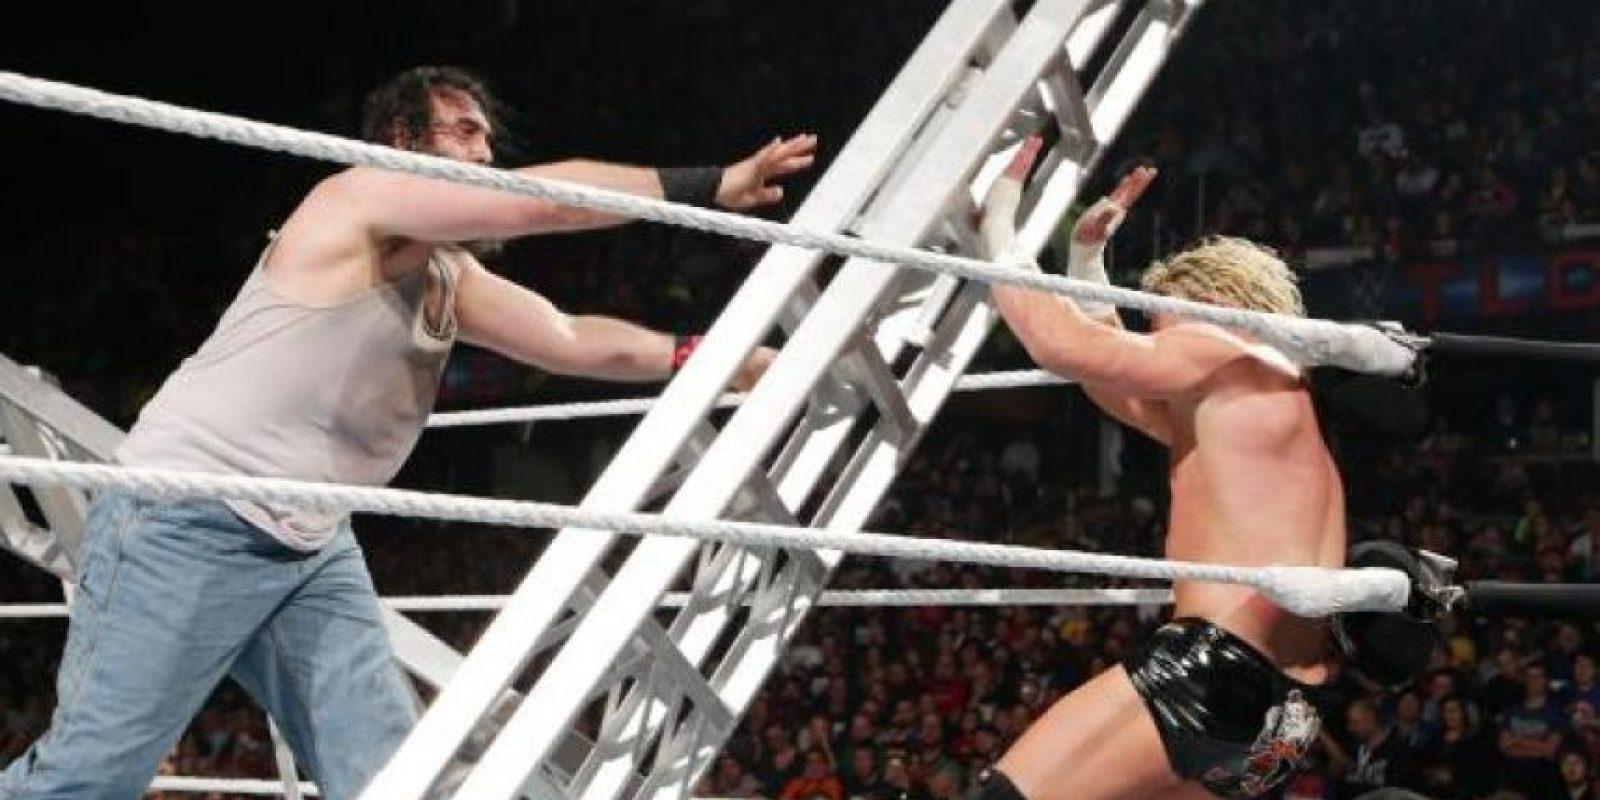 La pelea entre Luke Harper y Dolph Ziggler fue la más violenta Foto:WWE